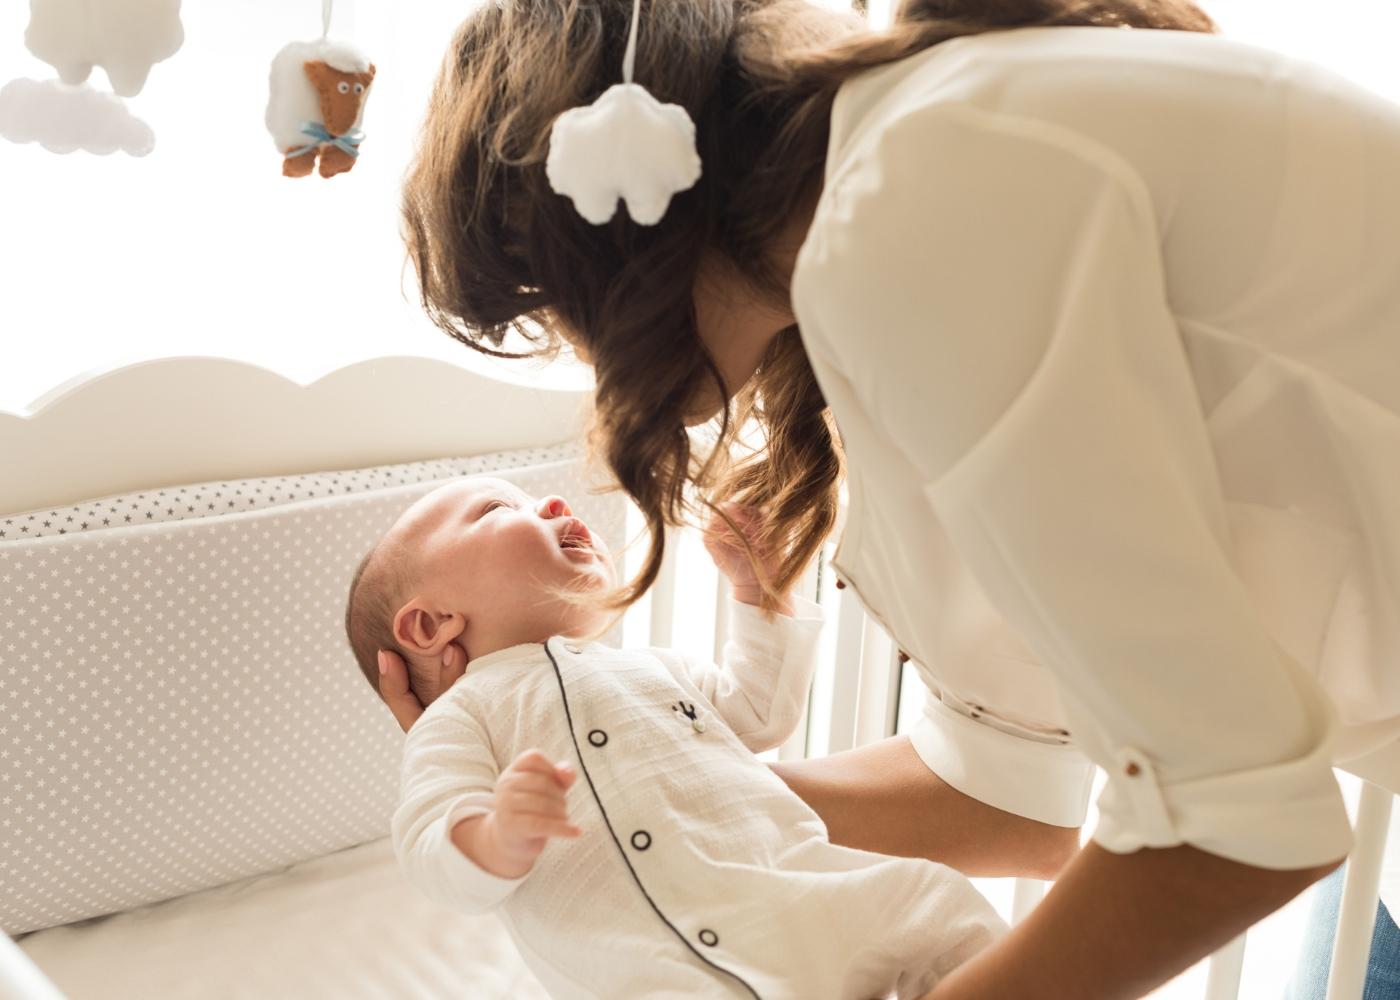 Mãe a deitar bebé no berço